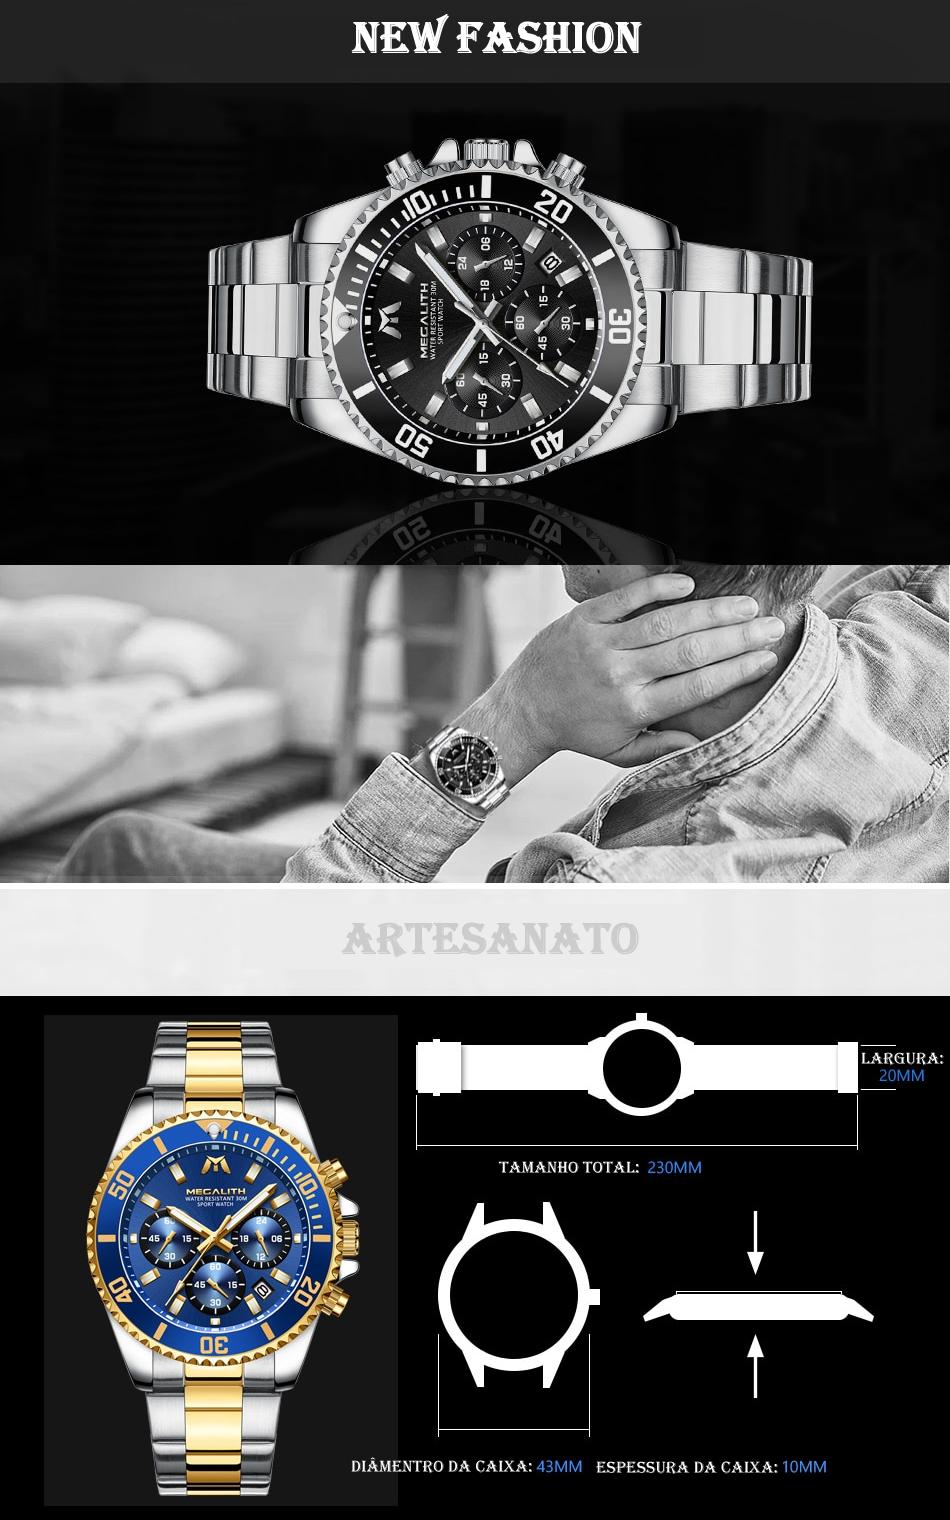 Relógio Megalith 8046 New Fashion